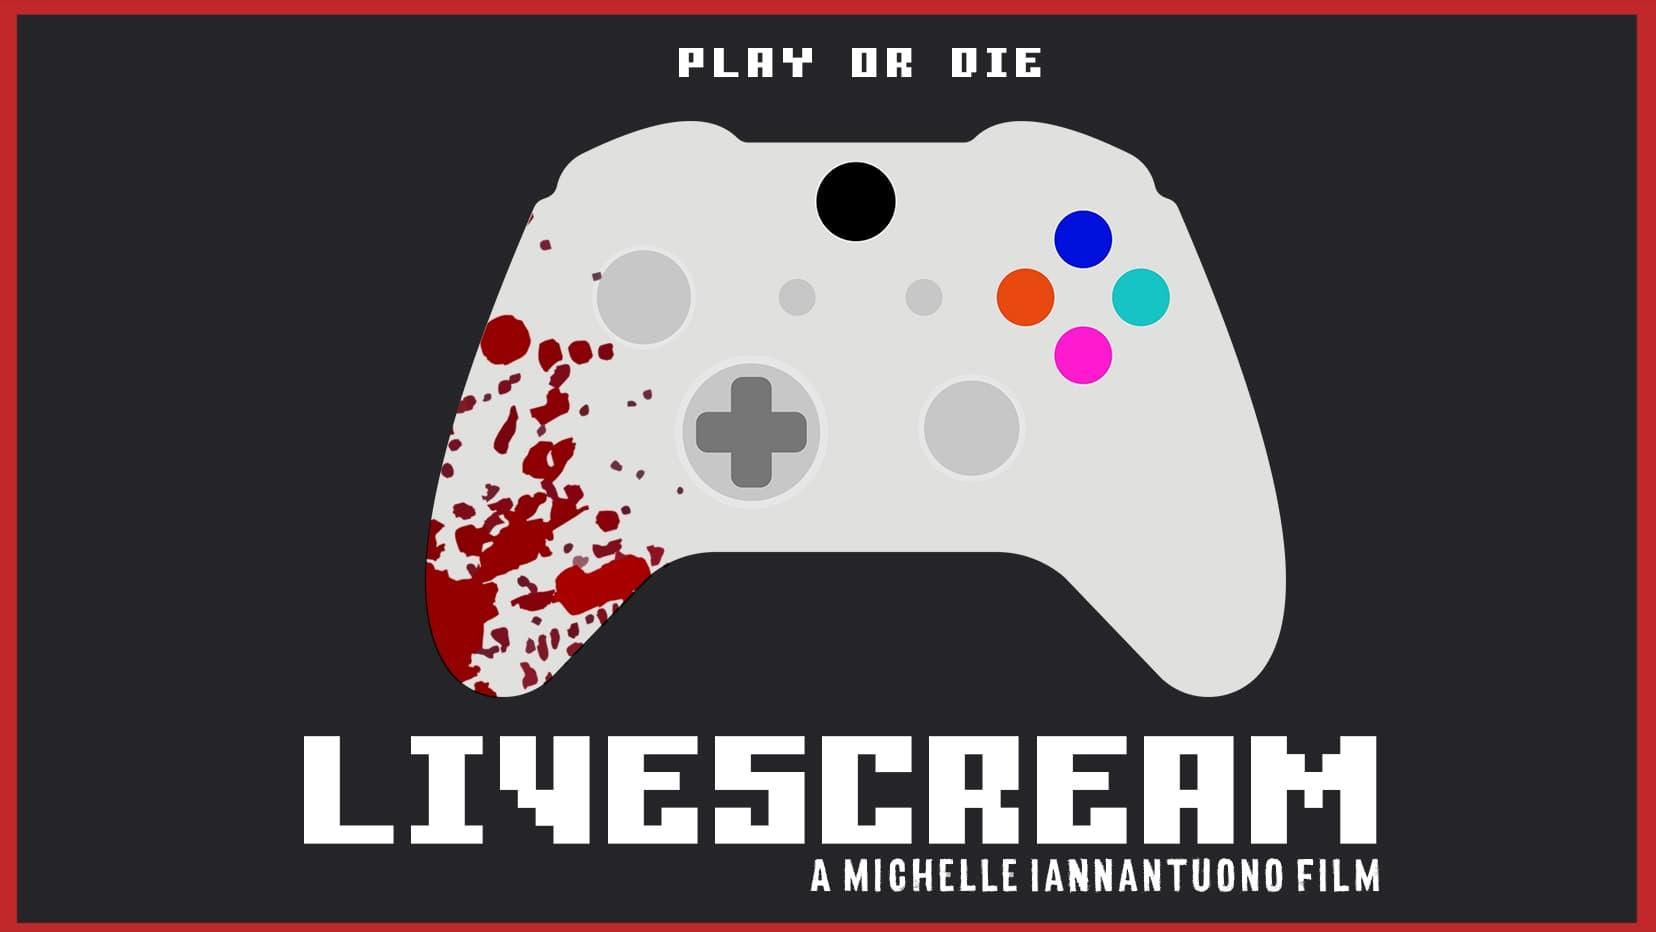 Livescream